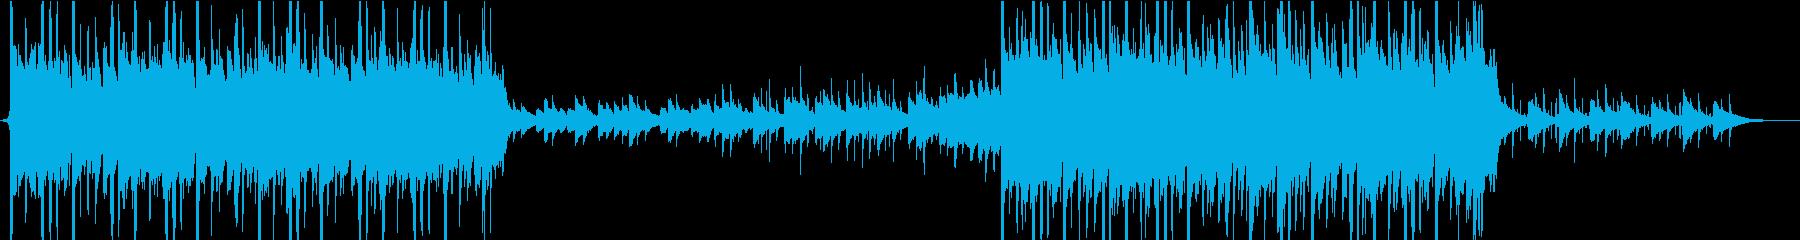 ピアノ美しく、情緒的なヒップホップ②の再生済みの波形